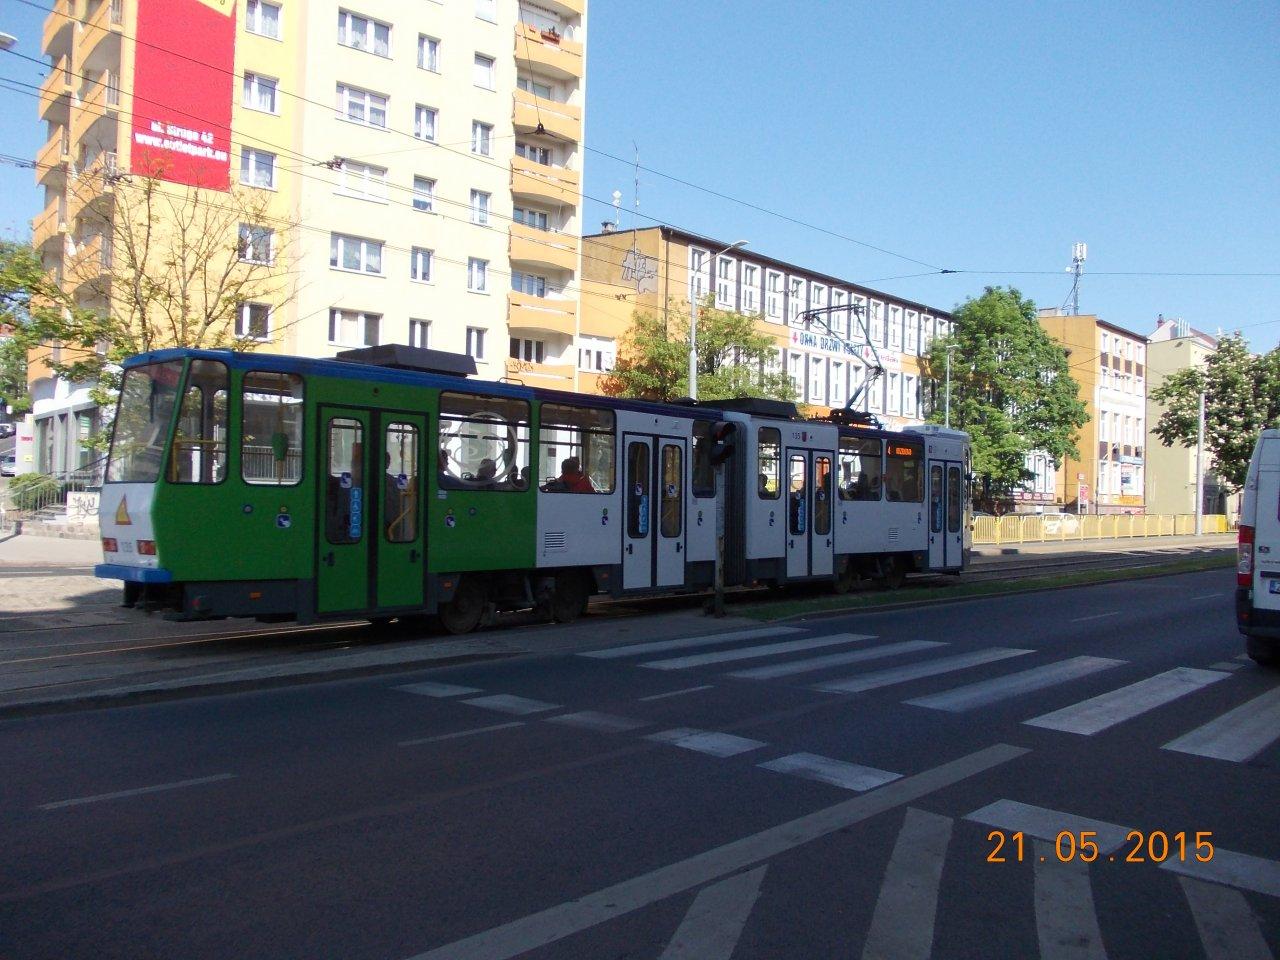 DSCN1421.JPG